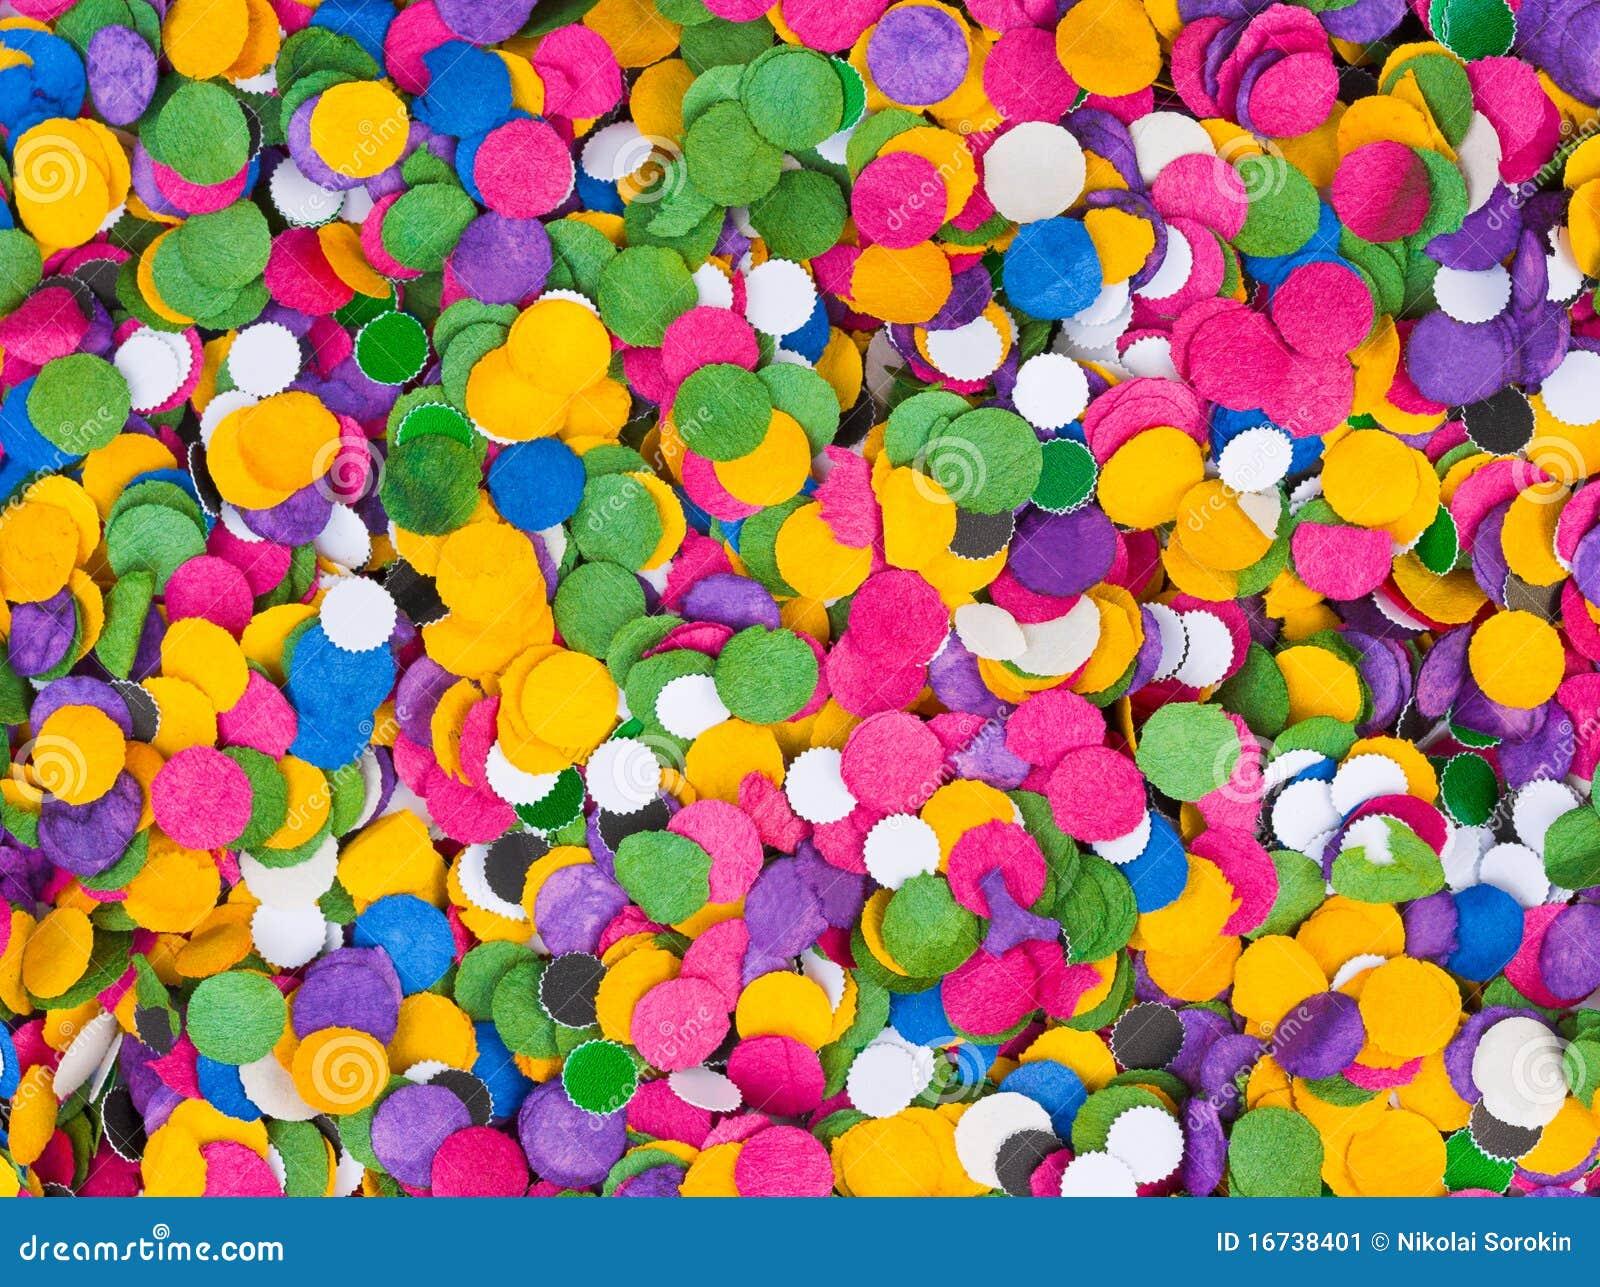 Fondo De Fiesta Diseño Decoracion Confeti Arte Patrón: Fondo Del Confeti Imagen De Archivo. Imagen De Círculo